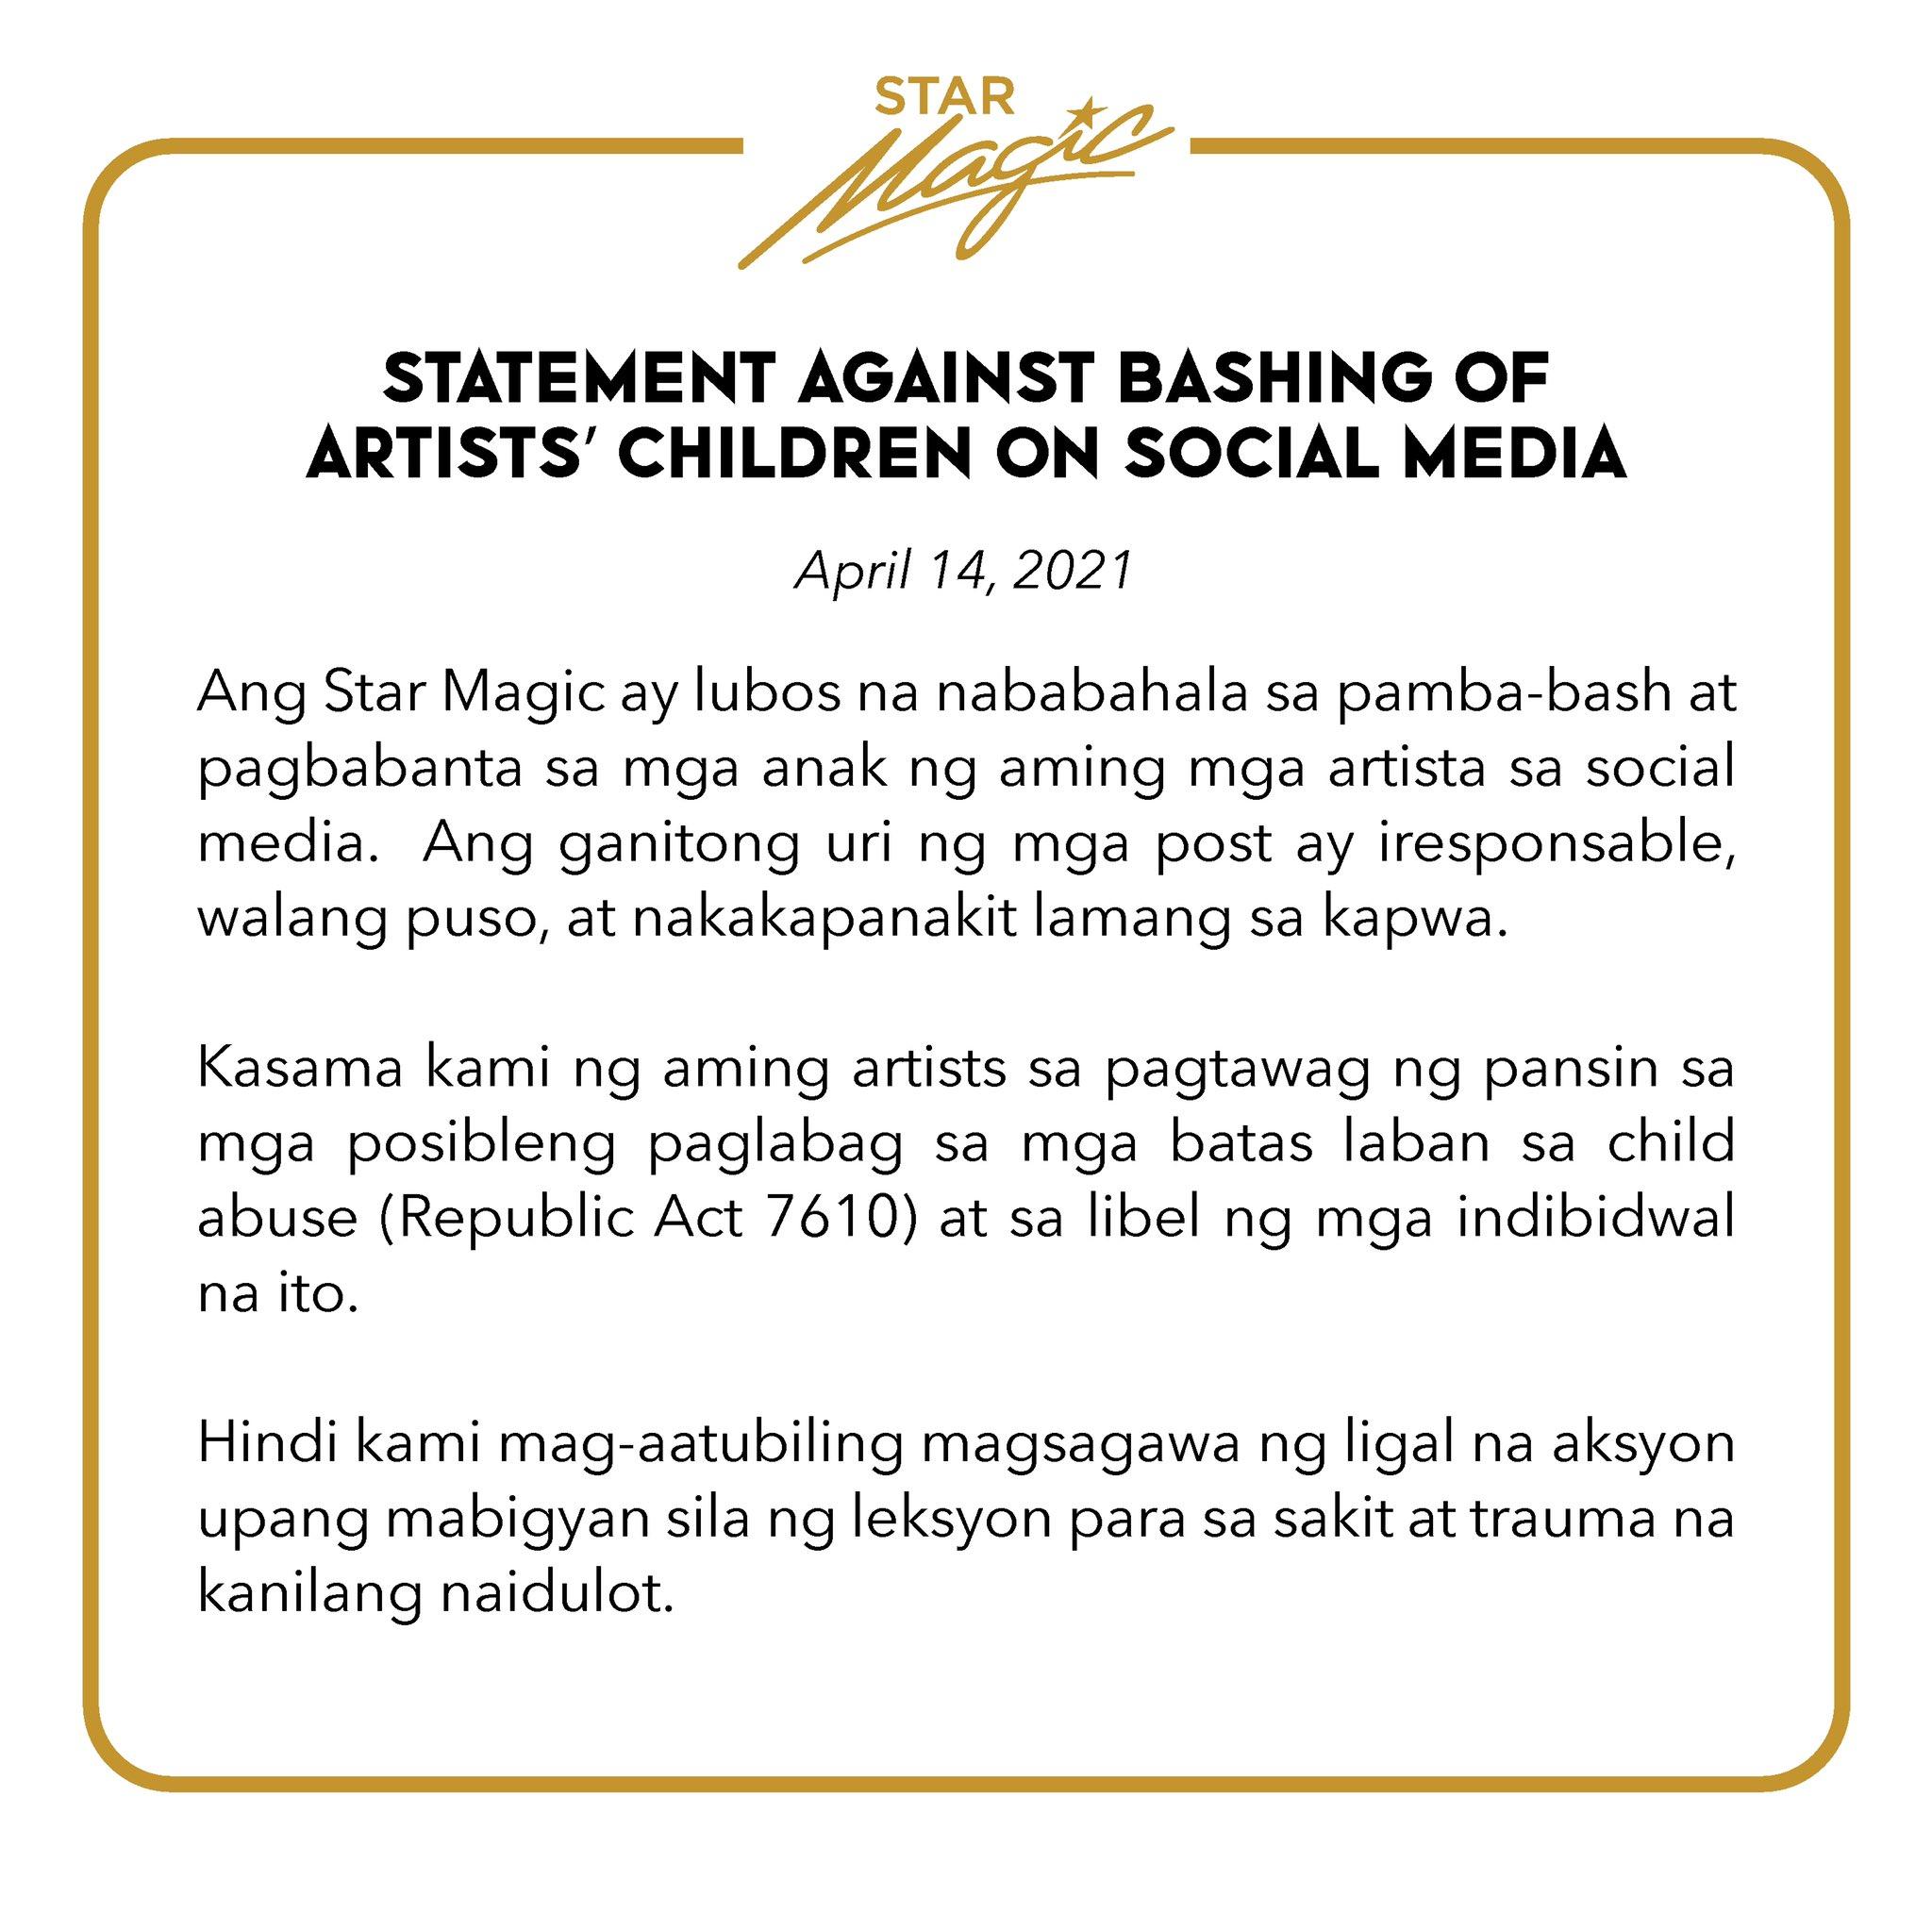 Star Magic statement against bashing of artist children on social media